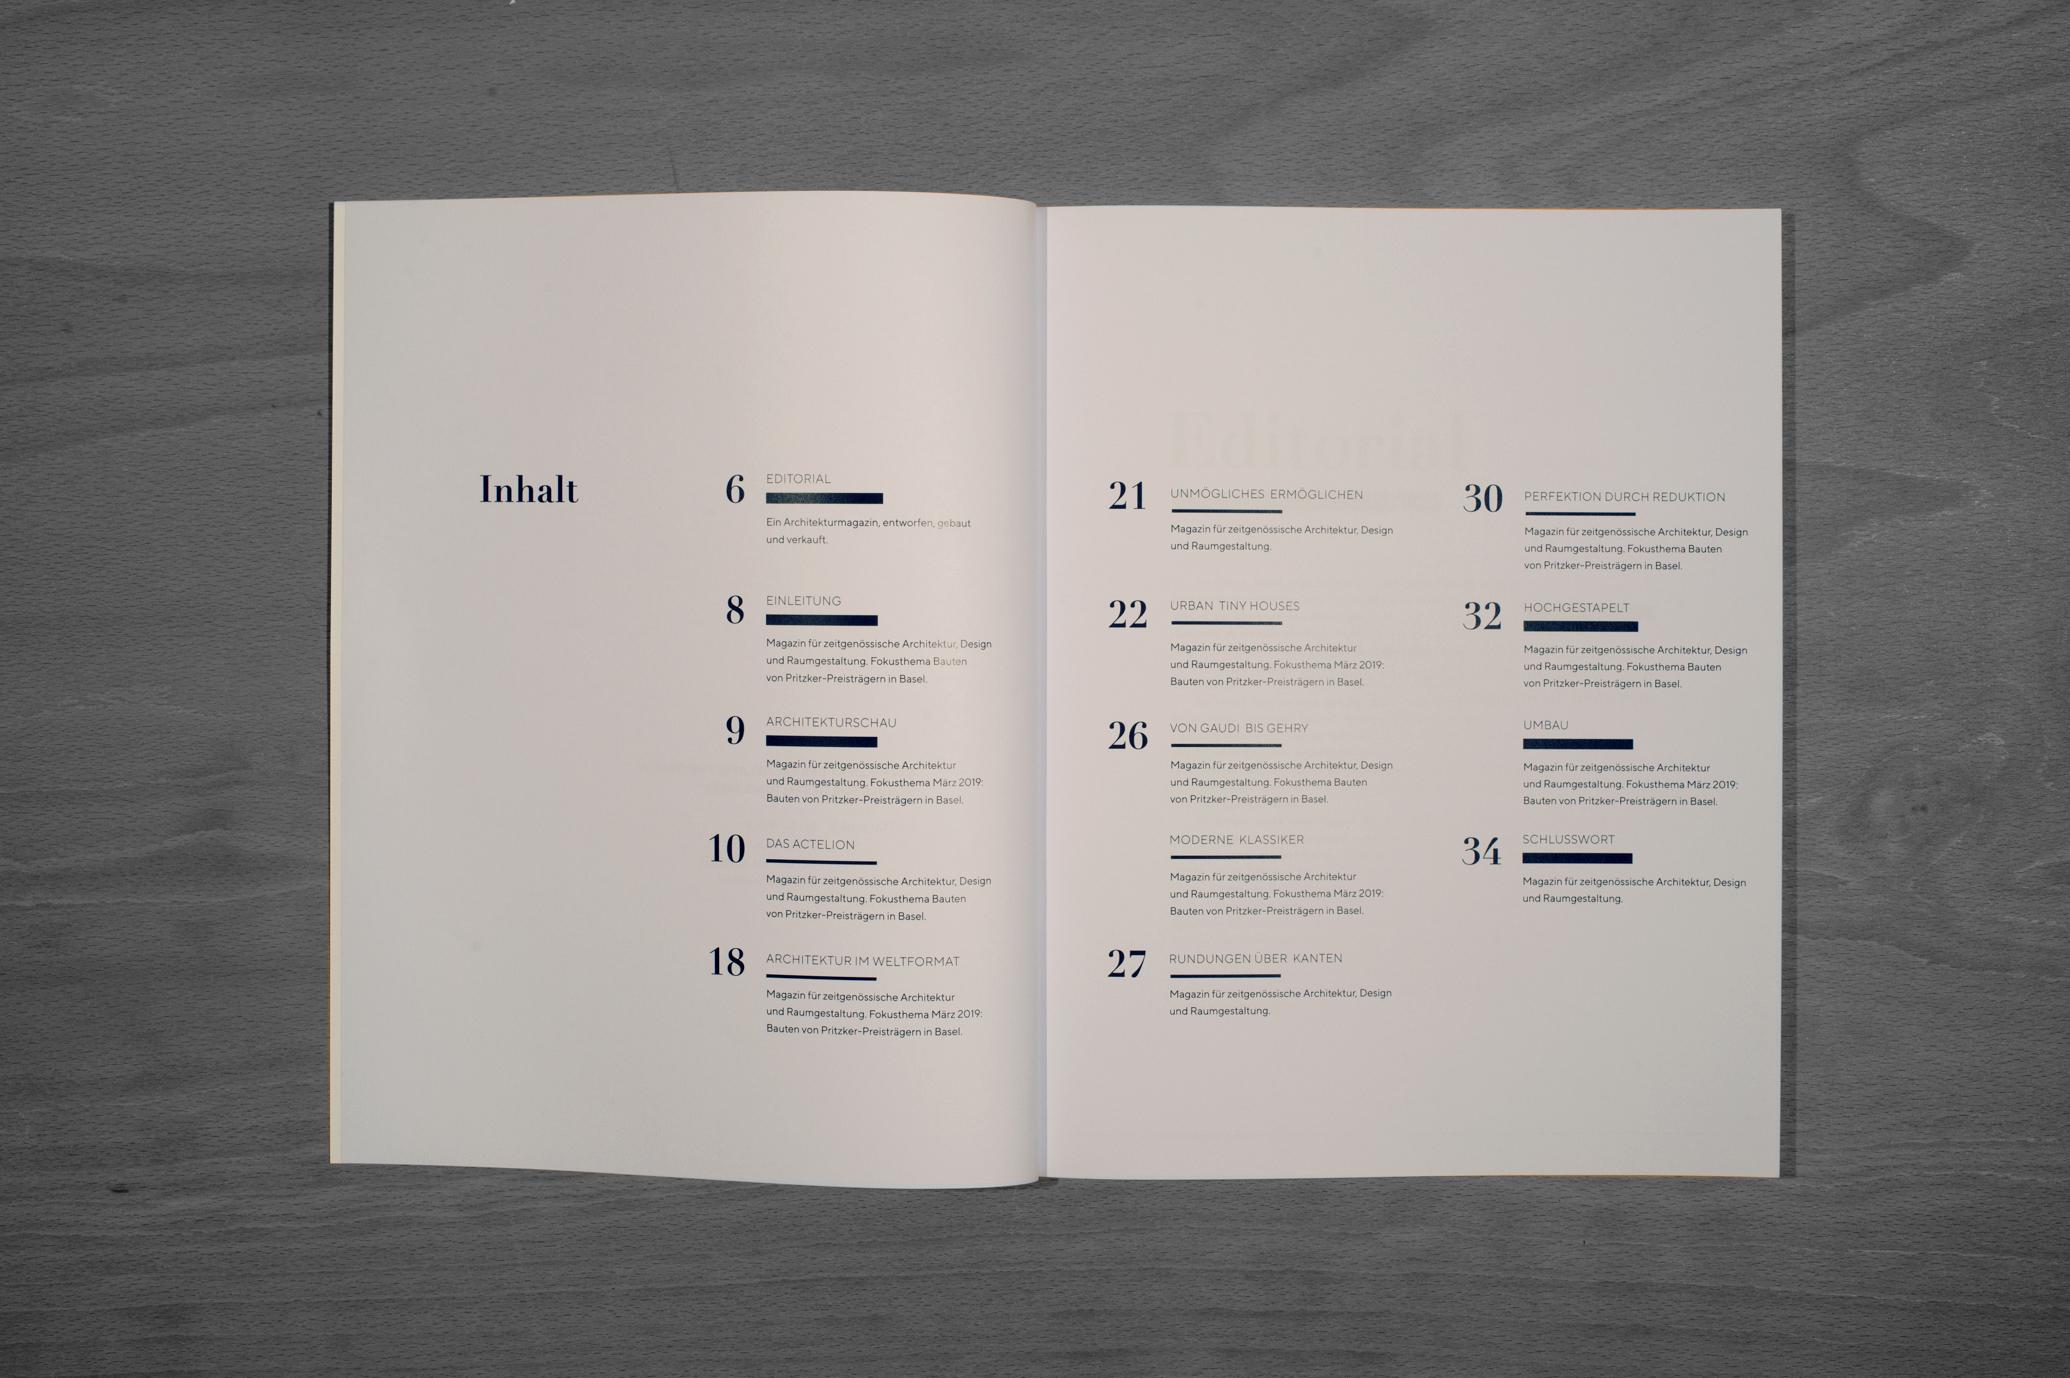 Architektur_Magazin012-1.jpg